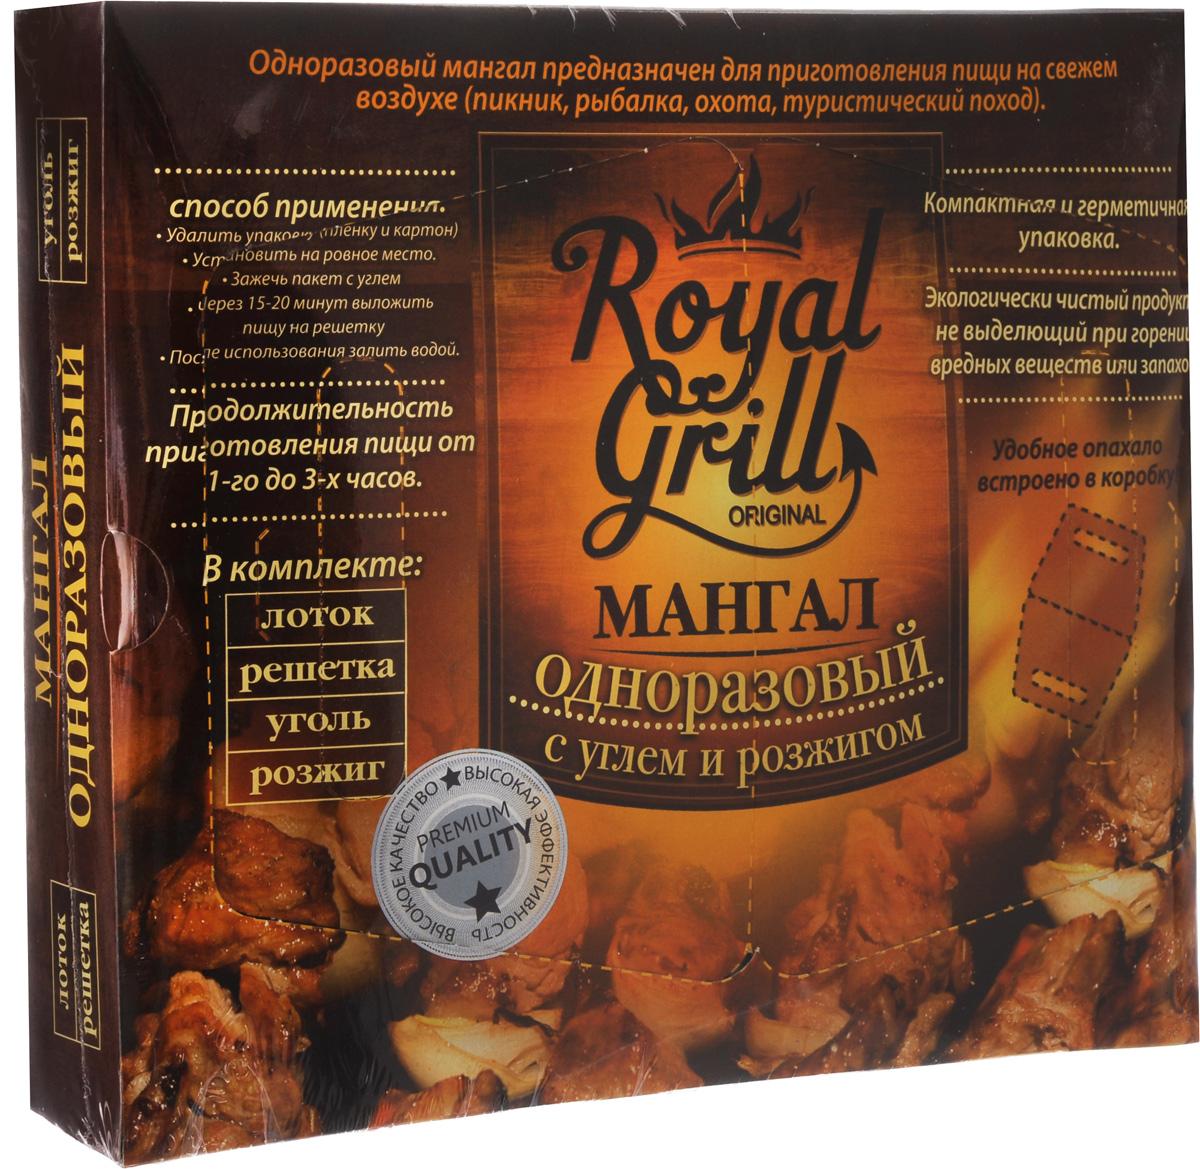 Мангал одноразовый RoyalGrill, с углем и розжигомХот ШейперсОдноразовый мангал RoyalGrill выполнен из металла. Внутри мангала расположены брикеты из древесного угля. Сверху расположена металлическая решетка на которую выкладываются продукты. Этот мангал поместится в любой рюкзак или сумку, даже в пакет. В комплекте также имеются розжиг и удобное опахало, встроенное в коробку.Многие обожают выезжать на природу – здоровая атмосфера, чистый воздух, приятная компания, что может быть лучше для полноценного отдыха? Пикник, проводимый на свежем воздухе, оставляет неизгладимое впечатление: все воспринимается ярче и насыщенней. Редкий пикник обходится без приготовления горячих блюд: шашлыков, запеченных продуктов, мяса, рыбы или овощей. Однако для того чтобы приготовить шашлык по всем правилам, очень важно использовать соответствующие приспособления, одним из которых является мангал. Это устройство пользуется большой популярностью сегодня. Представляя собой эффектную установку, мангал является и декоративным элементом, вписывающимся в ландшафт, и средством для приготовления горячих блюд на открытой площадке.